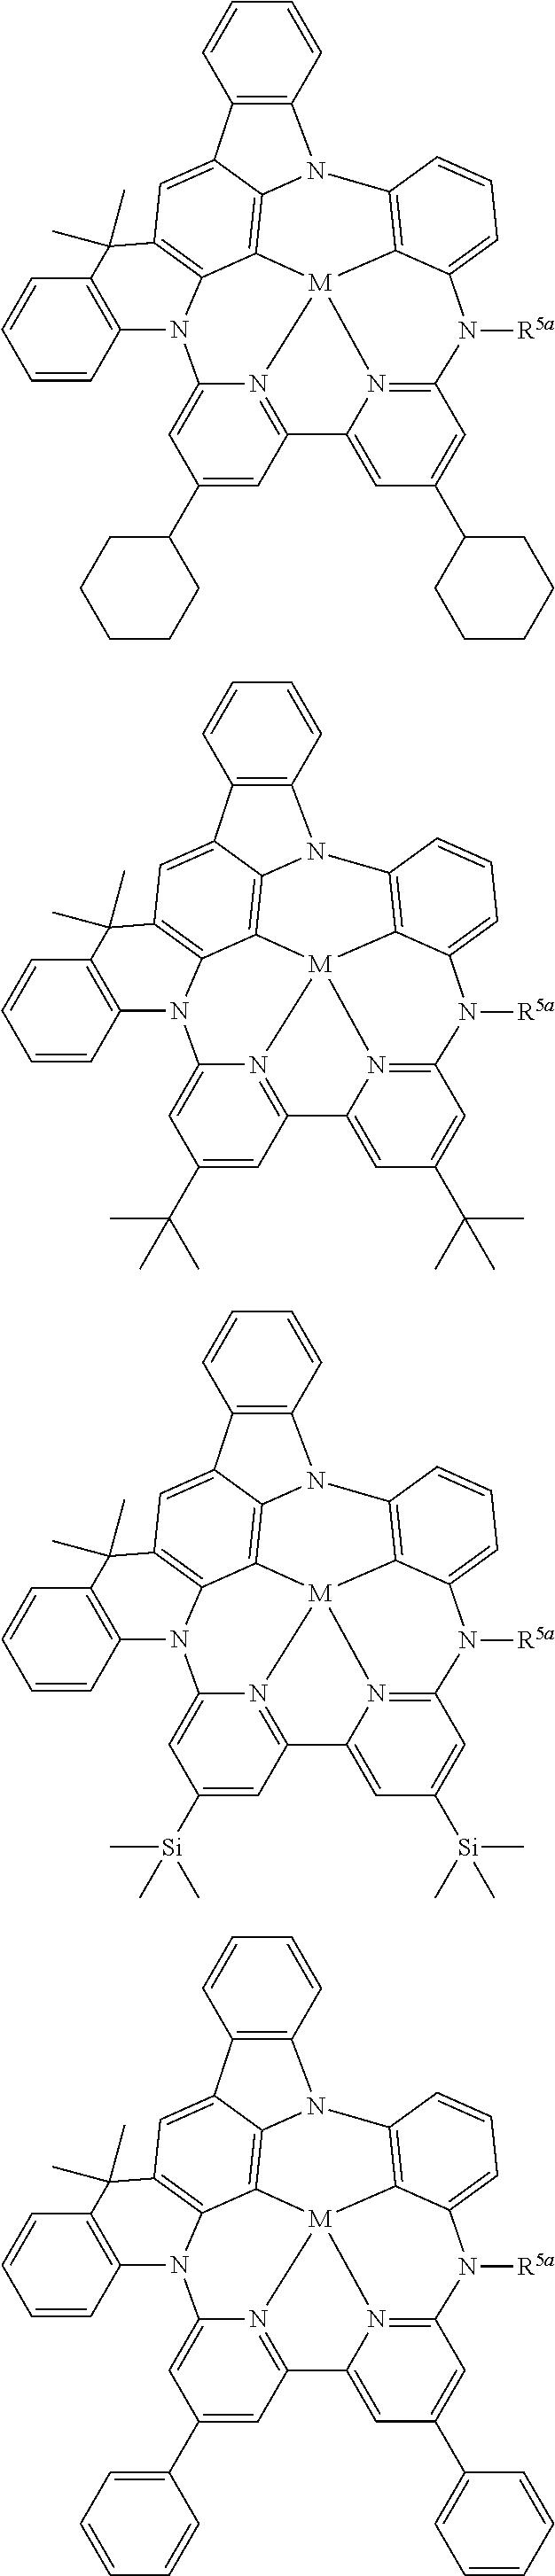 Figure US10158091-20181218-C00213